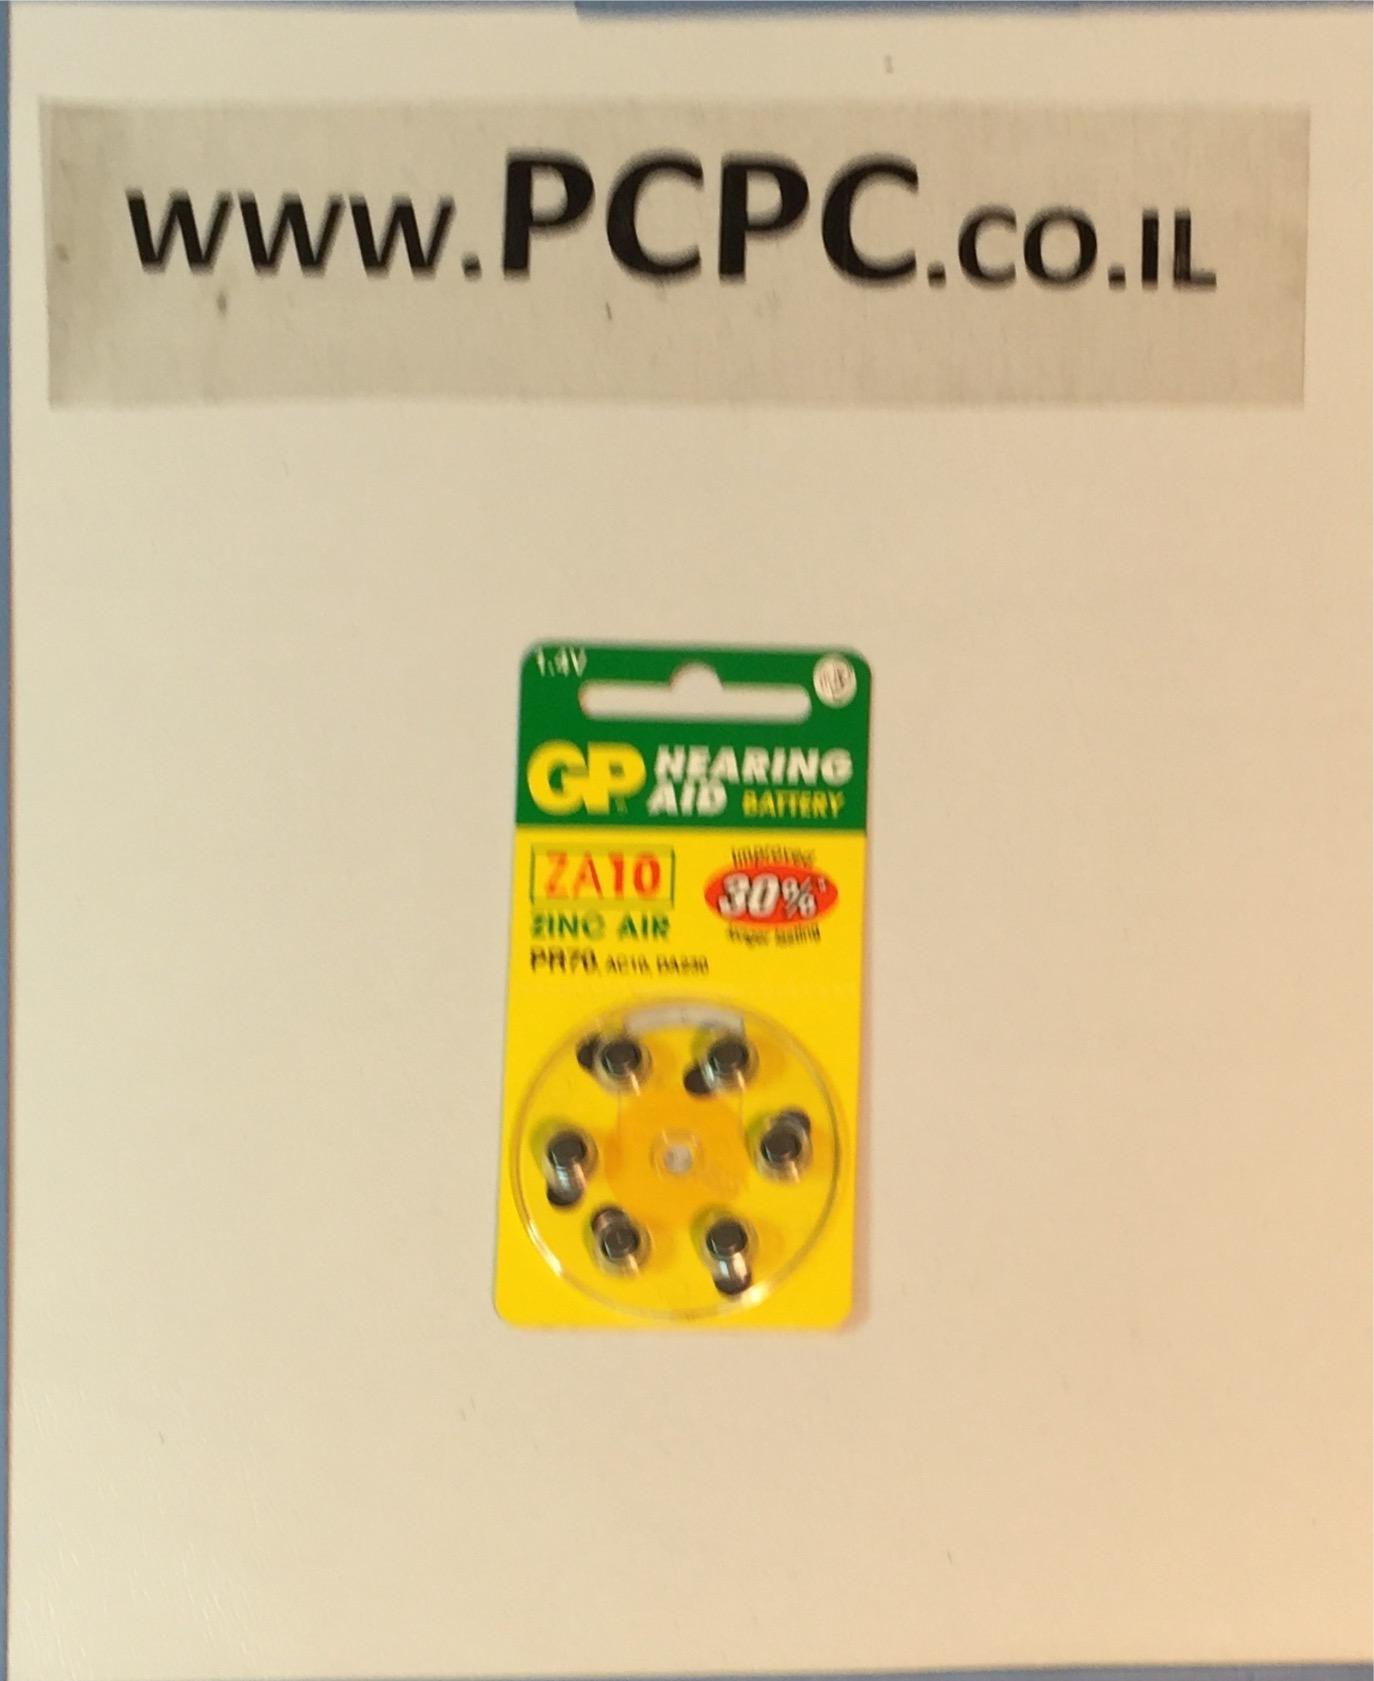 סוללה ZA10 למכשירי  שמיעה 6 יחידות GP PR 70